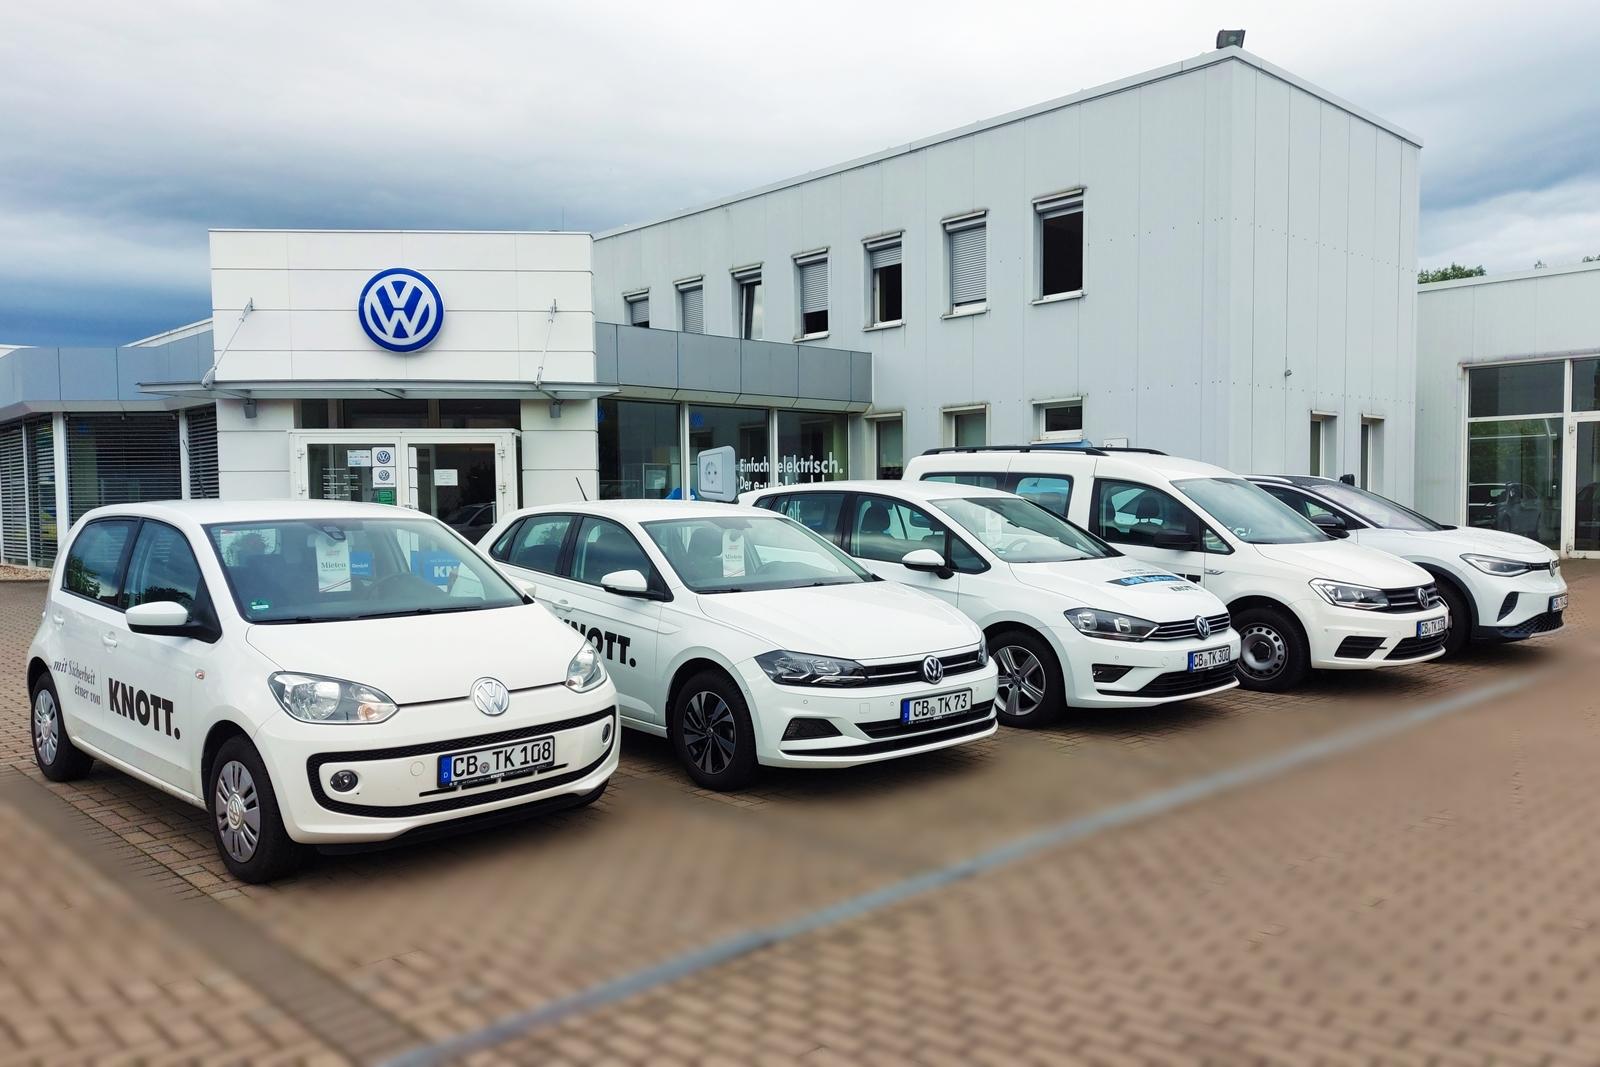 Autohaus Thomas Knott in Cottbus